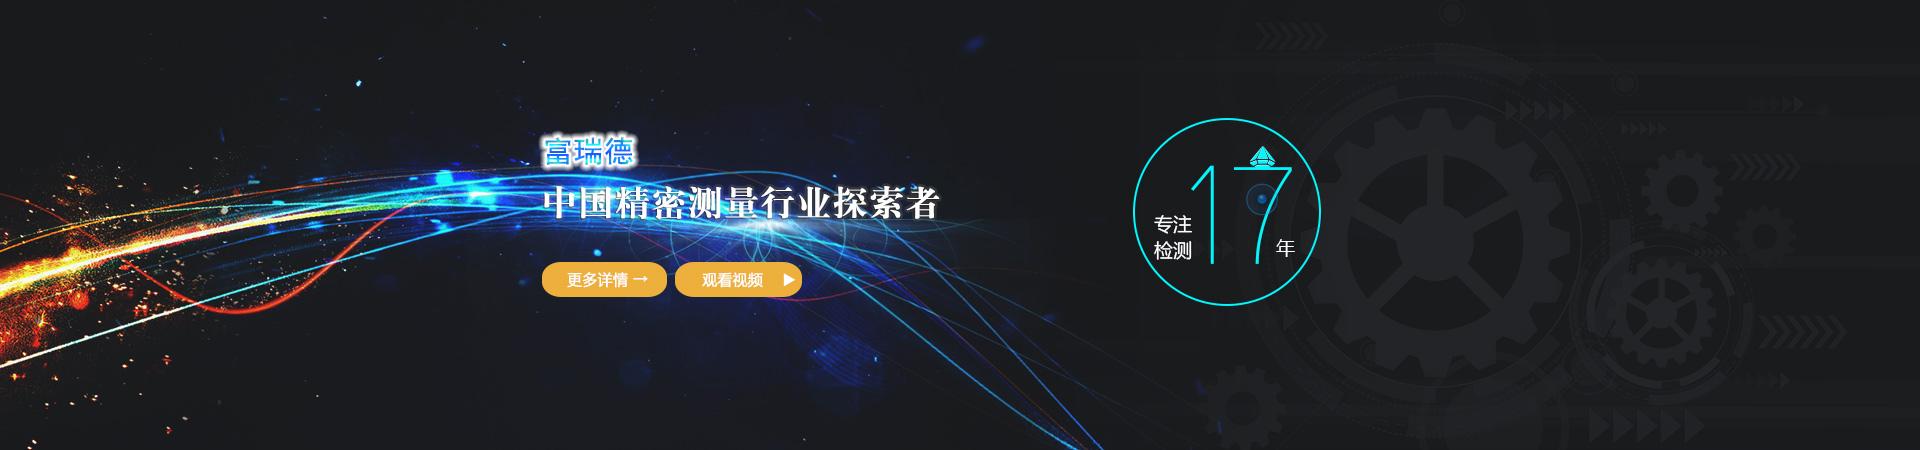 中国精密测量行业探索者